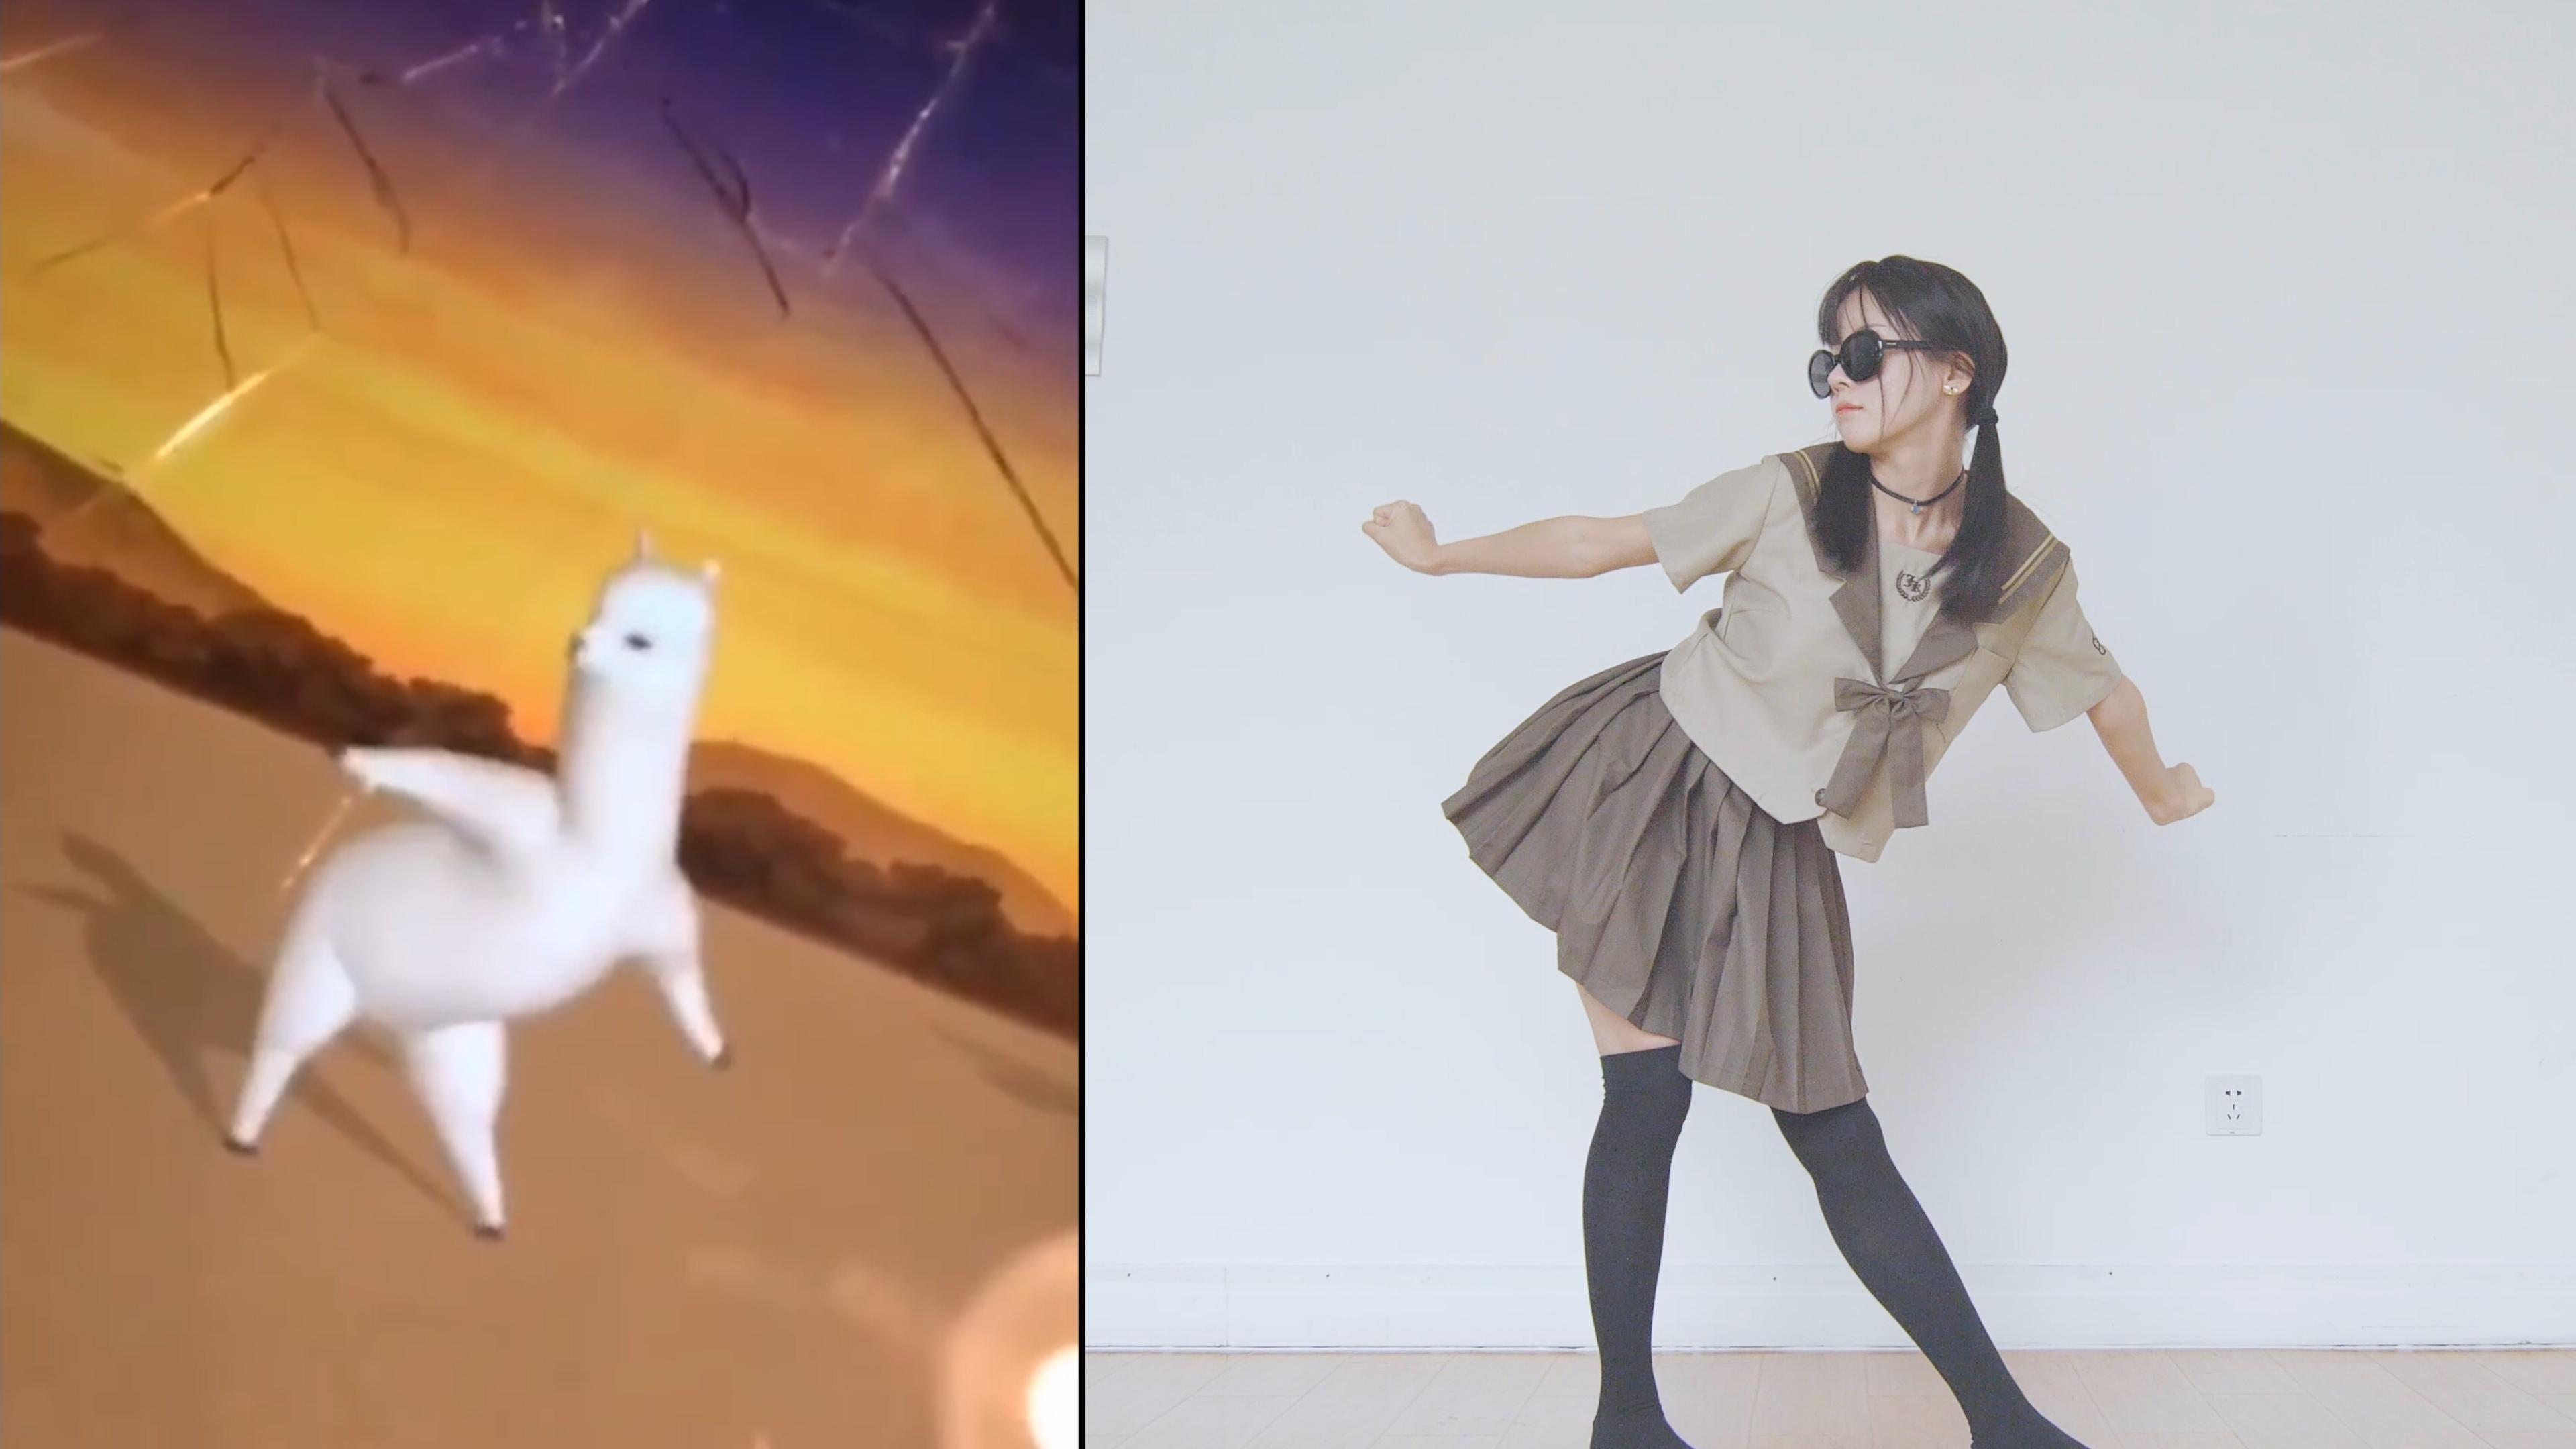 【猫饼】羊驼舞蹈